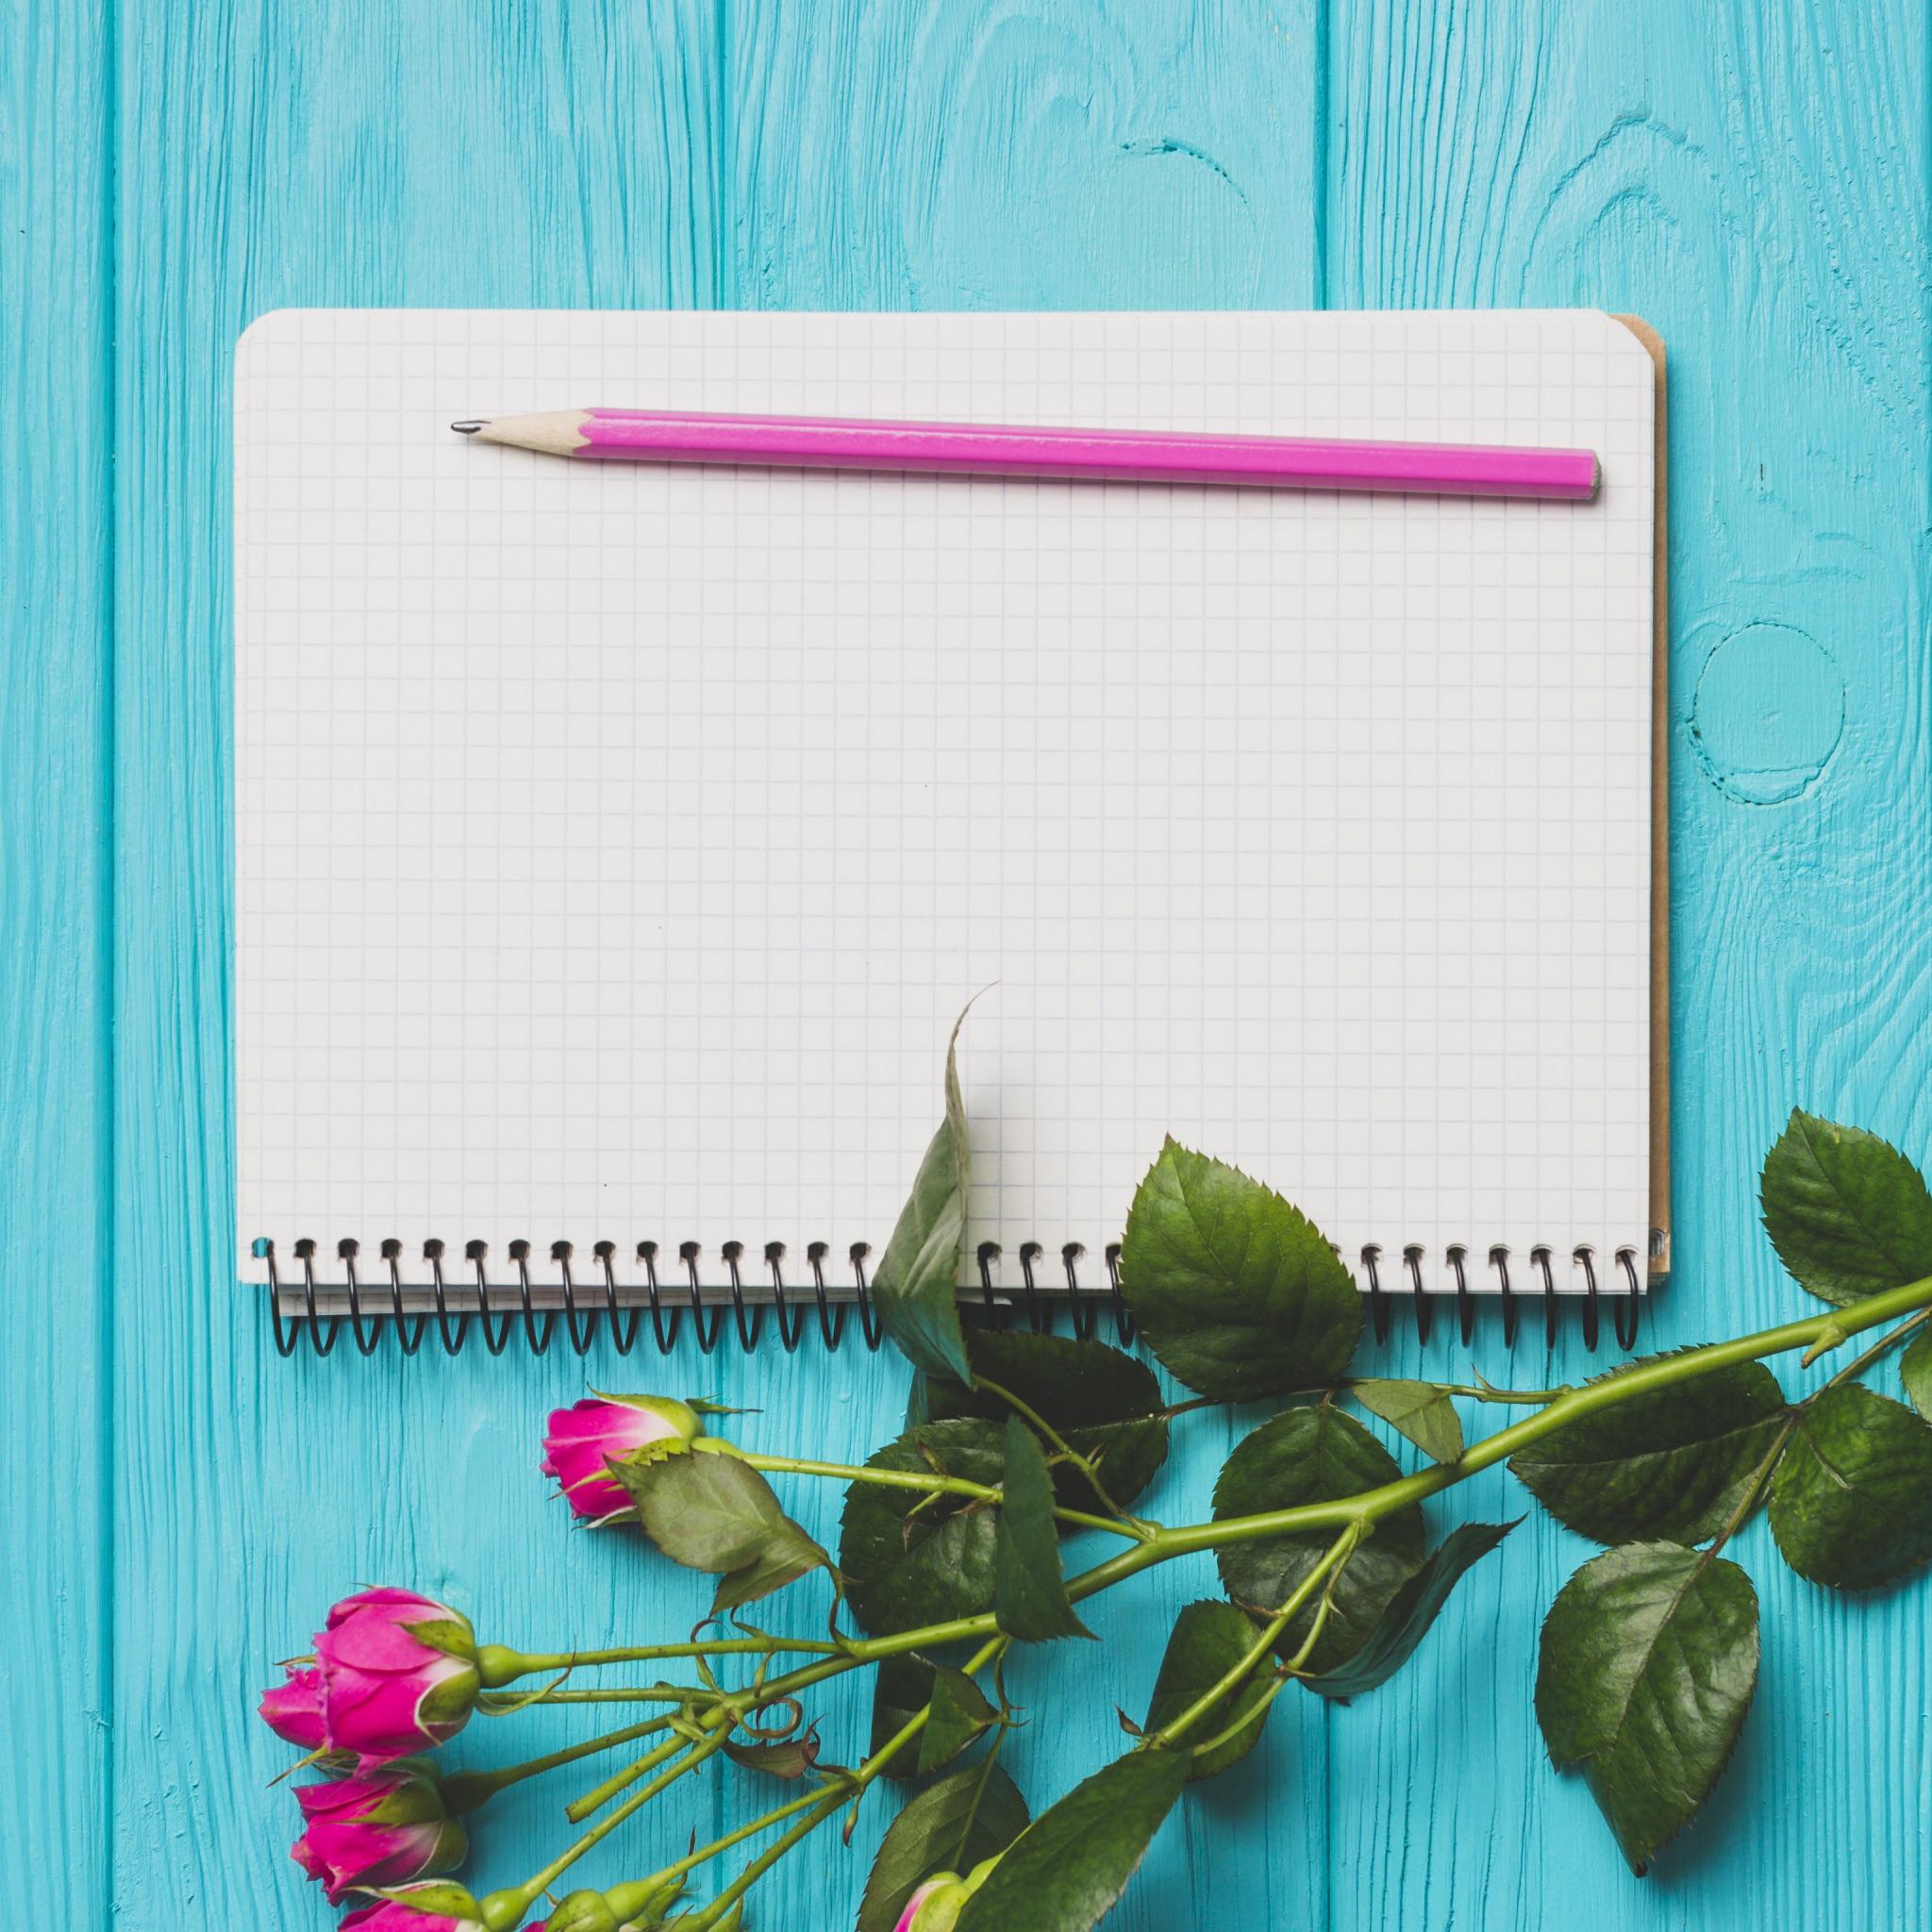 Открытки штампинг, открытка ручка с цветами